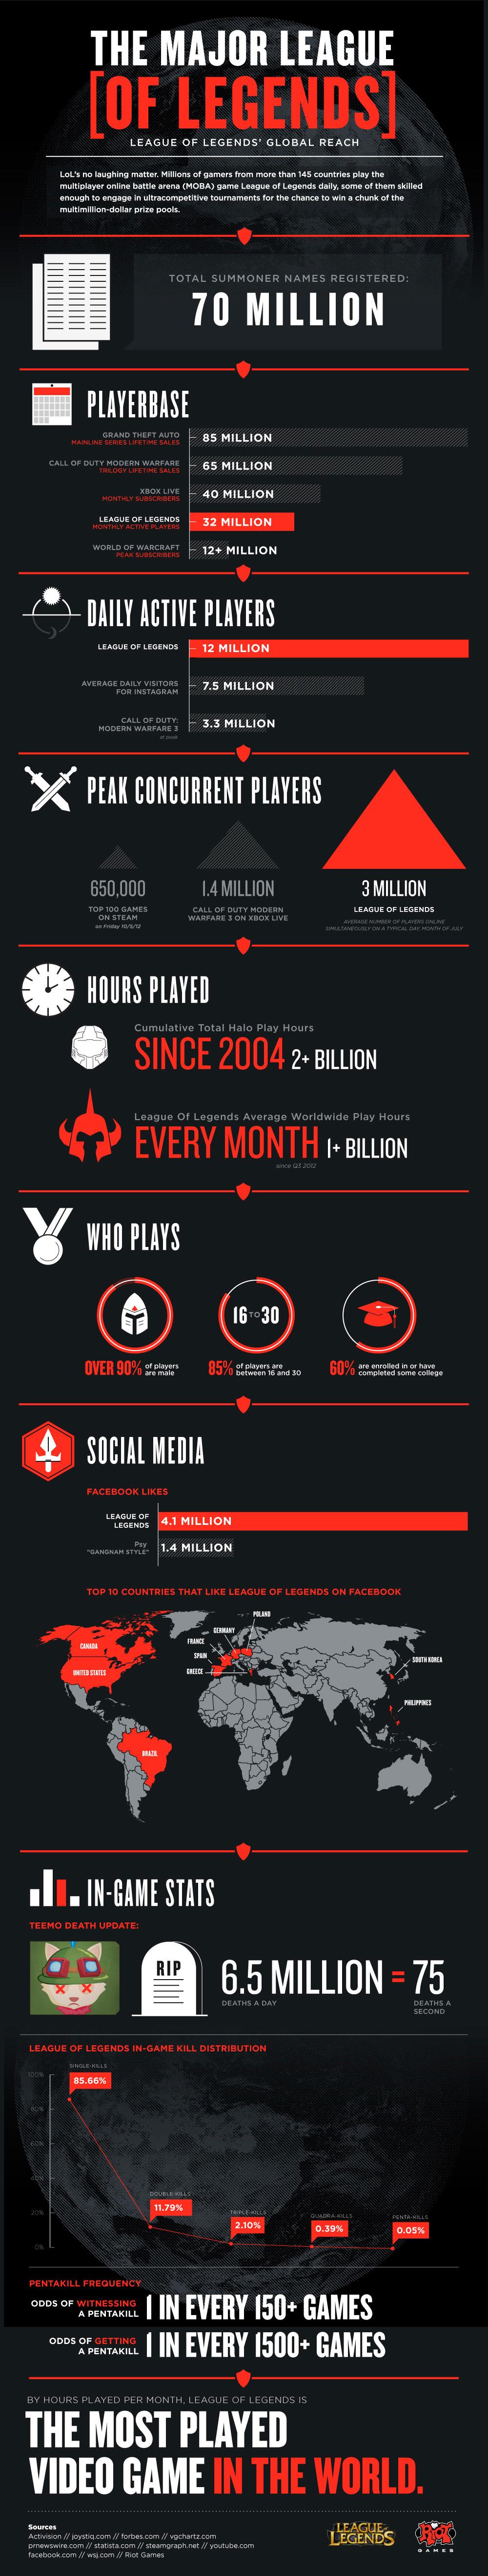 Infographic De meest gespeelde video game aller tijden